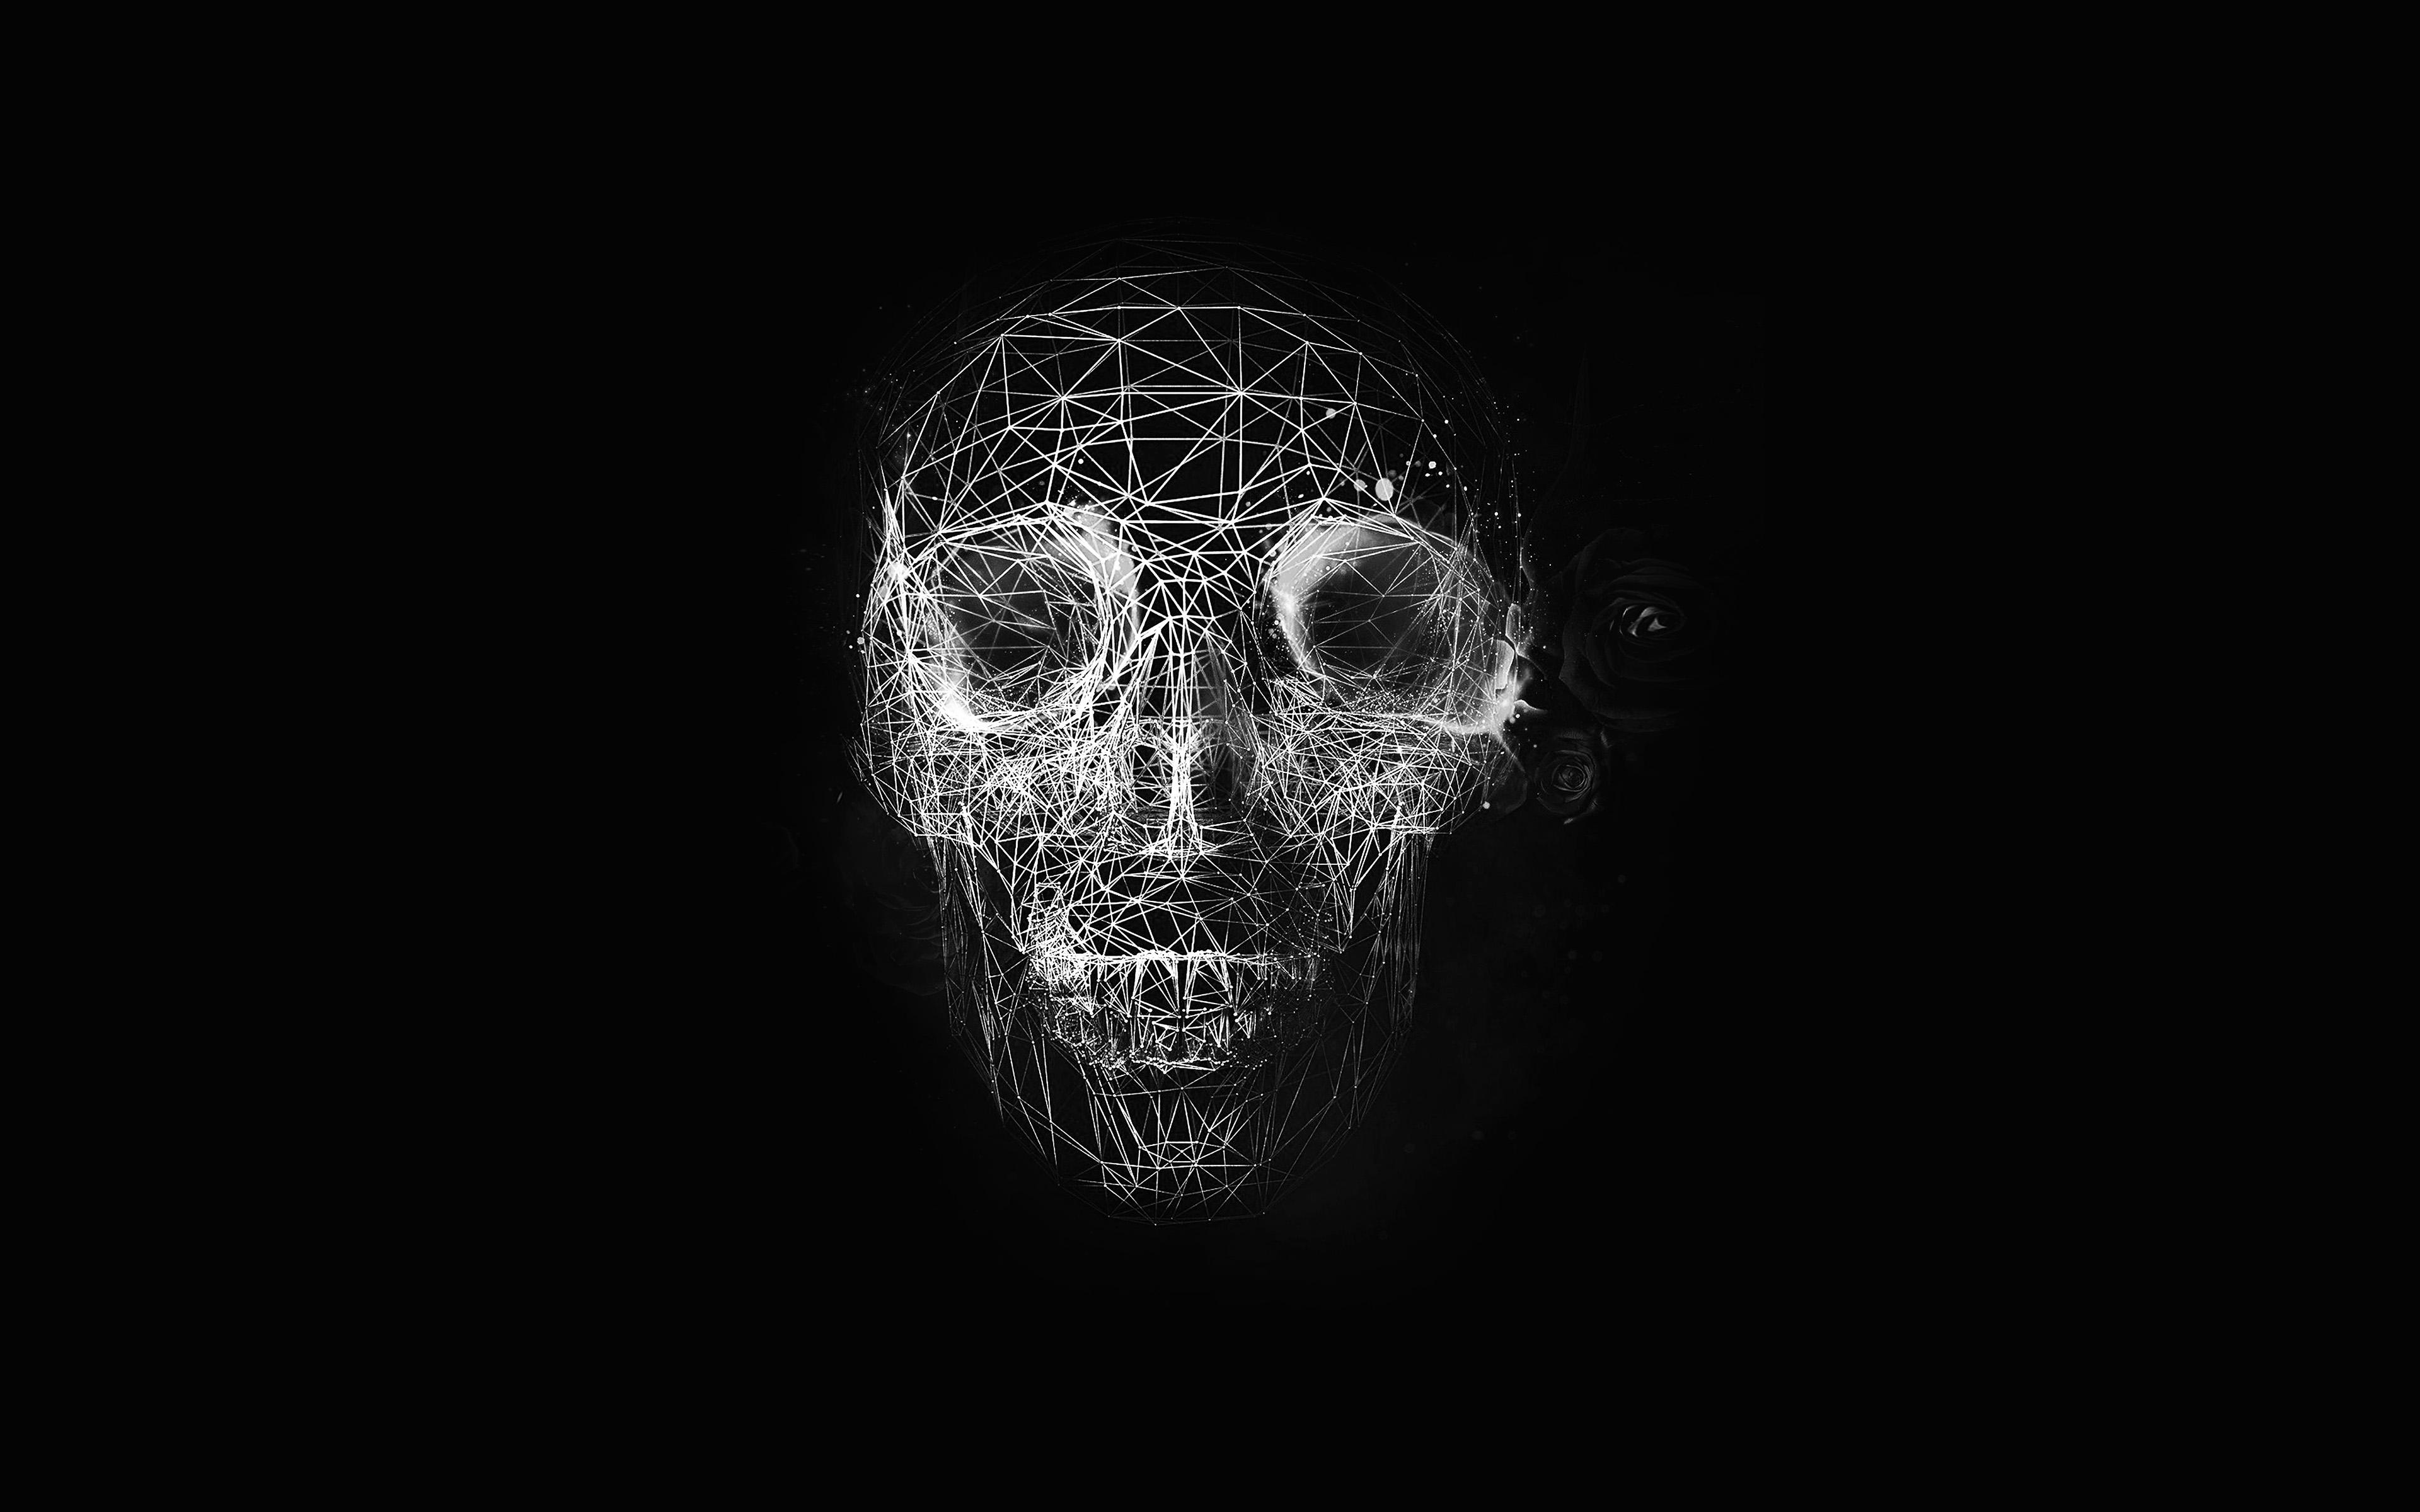 Digital Art Skull Simple Background Abstract Portrait: At04-digital-skull-dark-abstract-art-illustration-bw-wallpaper